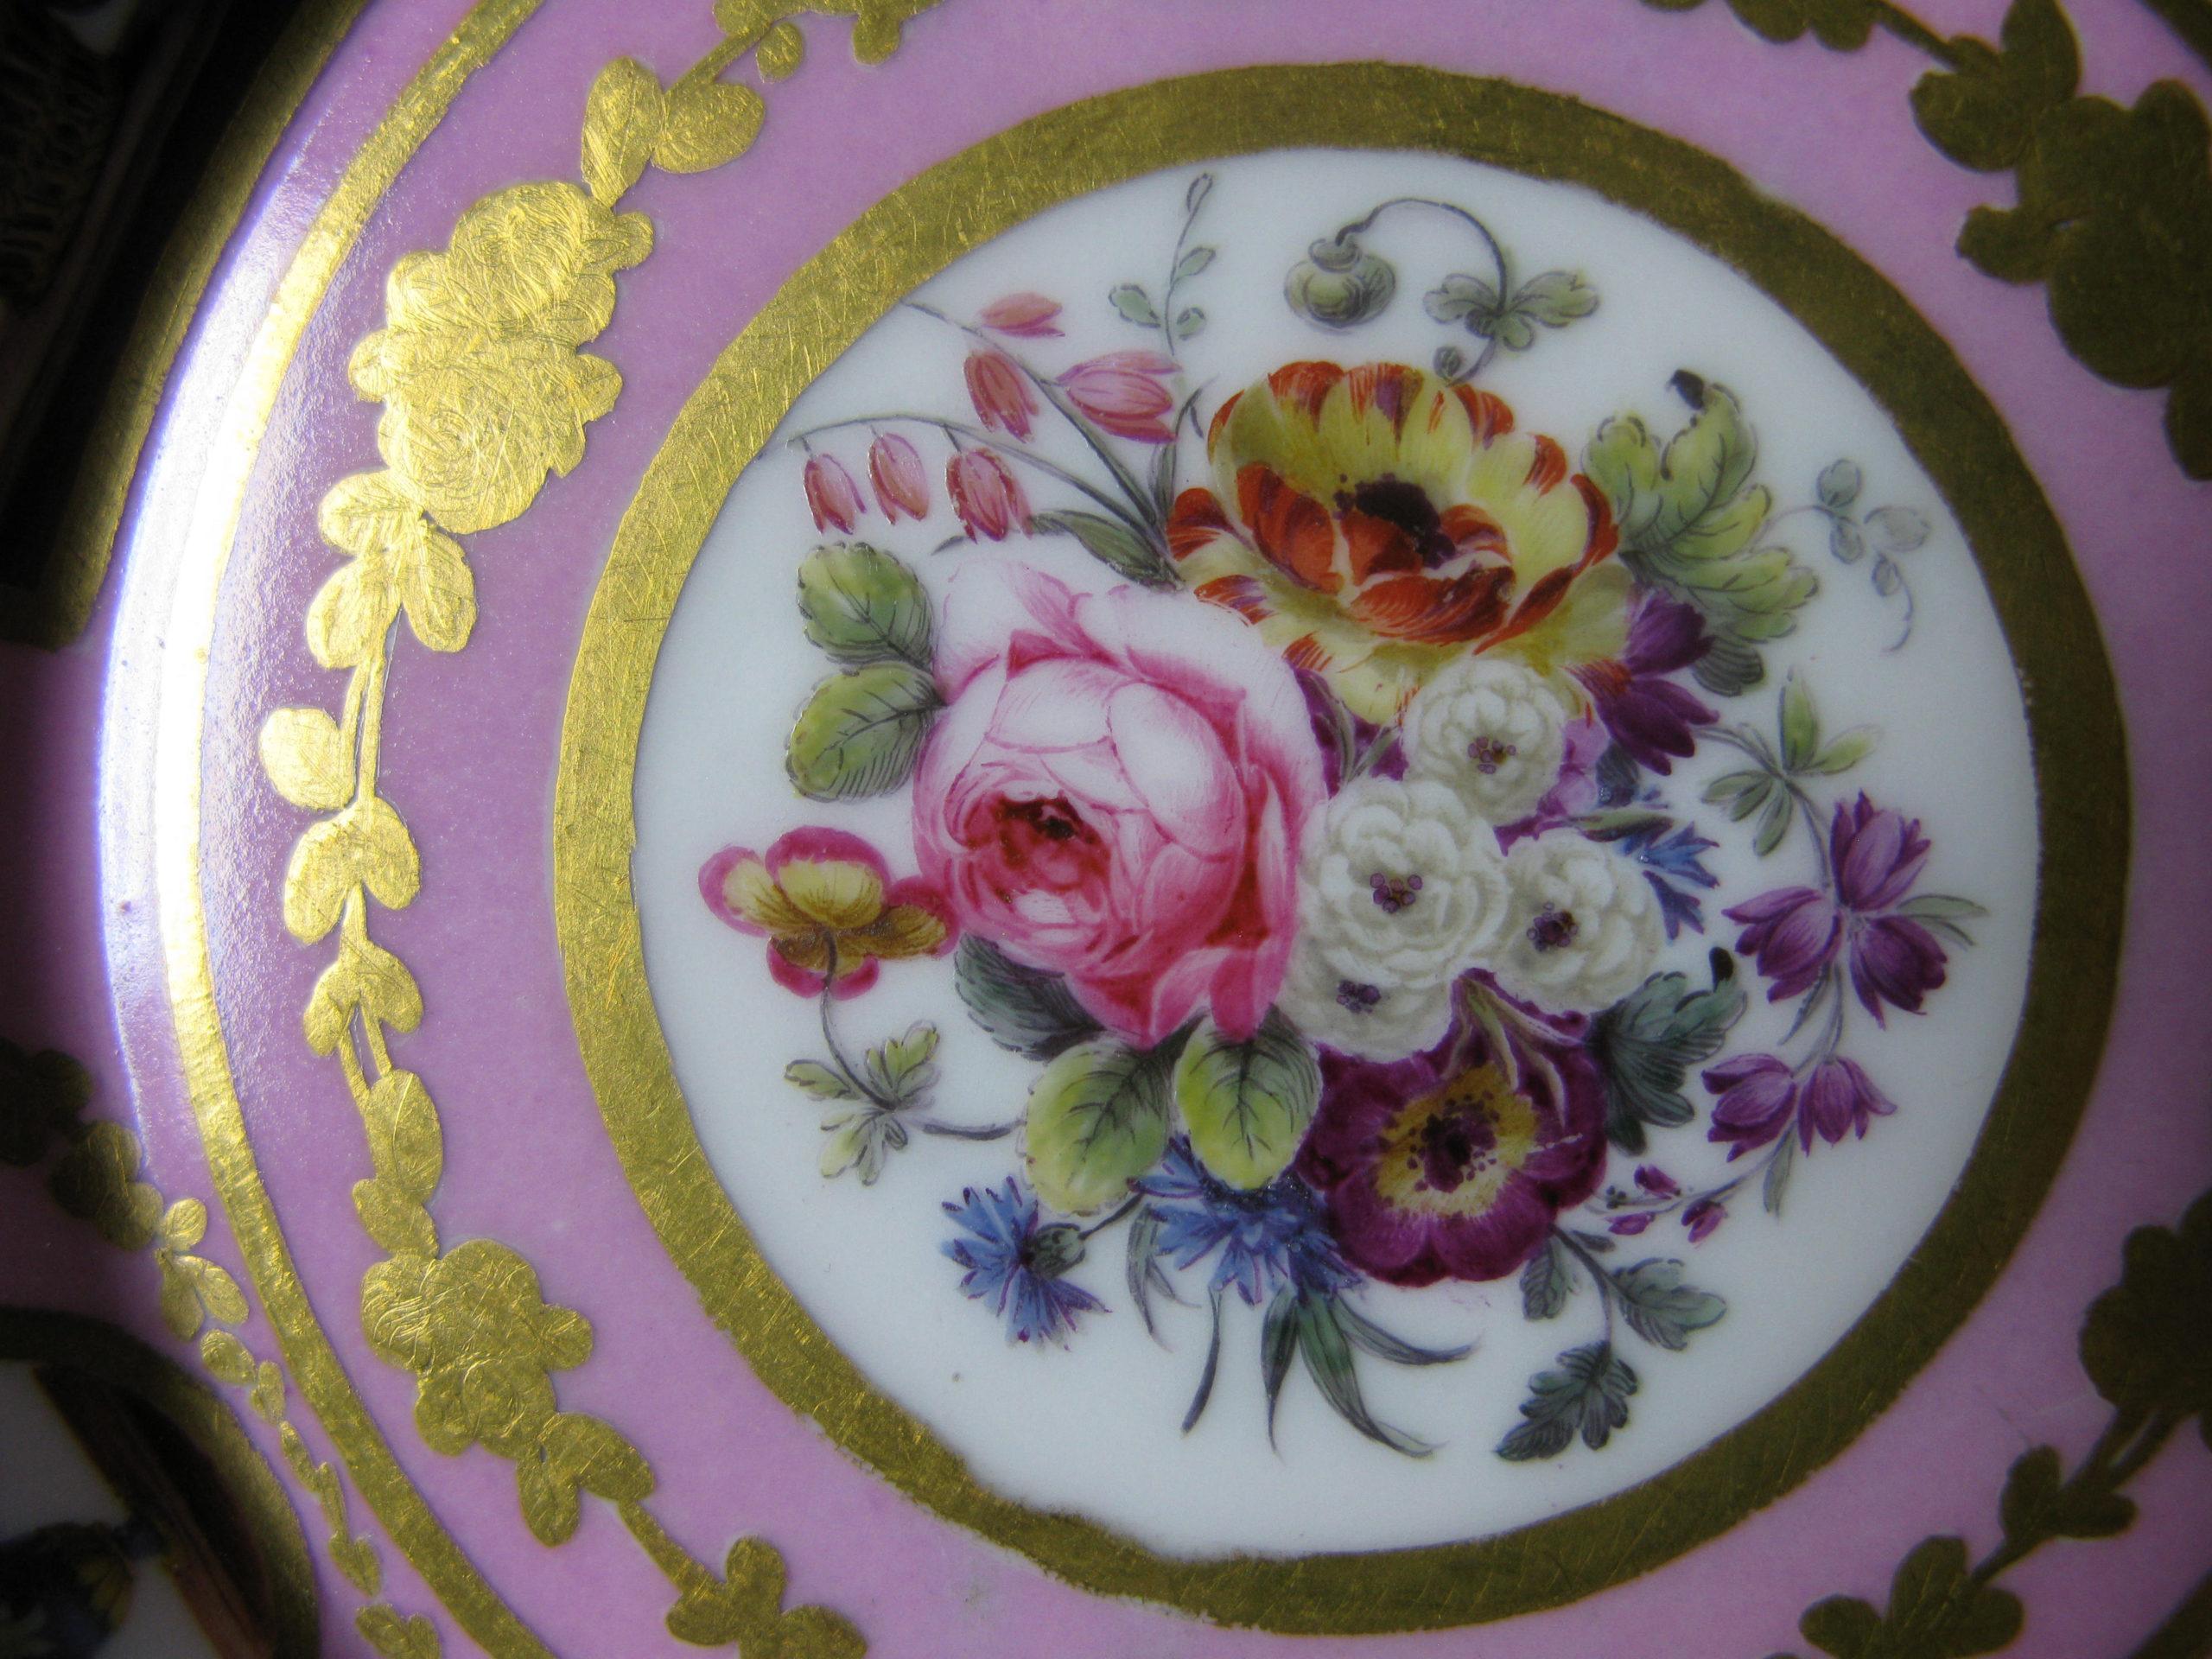 Yksityiskohta astian posliinimaalauksesta, jossa kullatulla reunuksella pyöreä kukka-asetelma ja vaalean liila tausta.